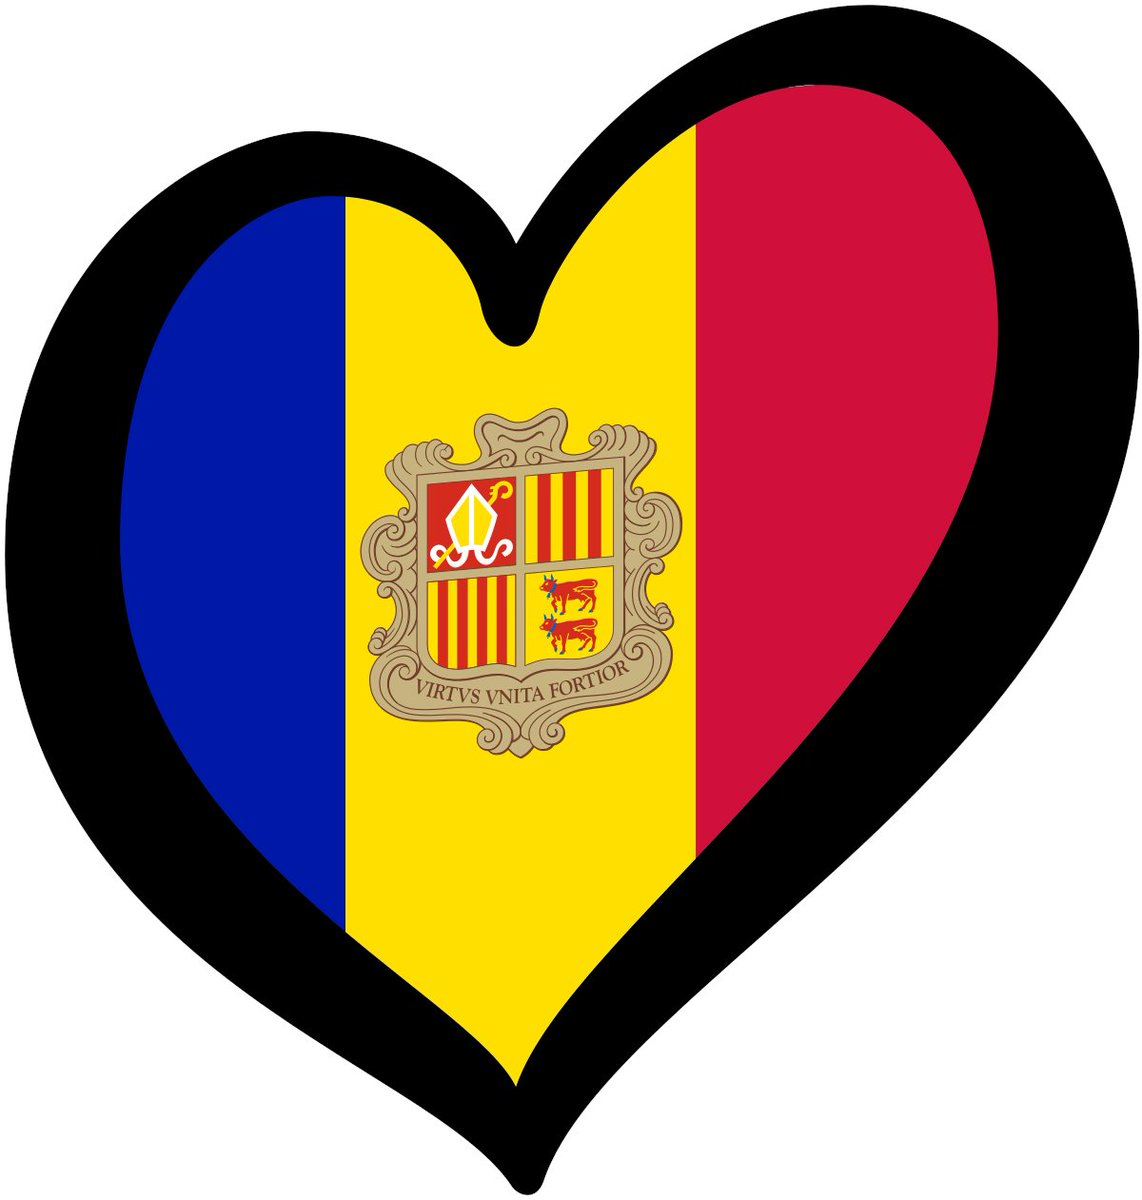 @wiwibloggs @Jordi_44 #Eurovision needs #Andorra back in the #esc Full support for Susanne Georgi #MyFight to bring Andorra back #EurovisionAgain #WeCanDoThisAndorra #esc2021 #ESC2020 #esc2010 #eurovisioncometogether #eurovisionrtve #eurovisionsongcontest #eurovisiongr #ShineALight #shinealightforthem https://t.co/aScFVT4eGk